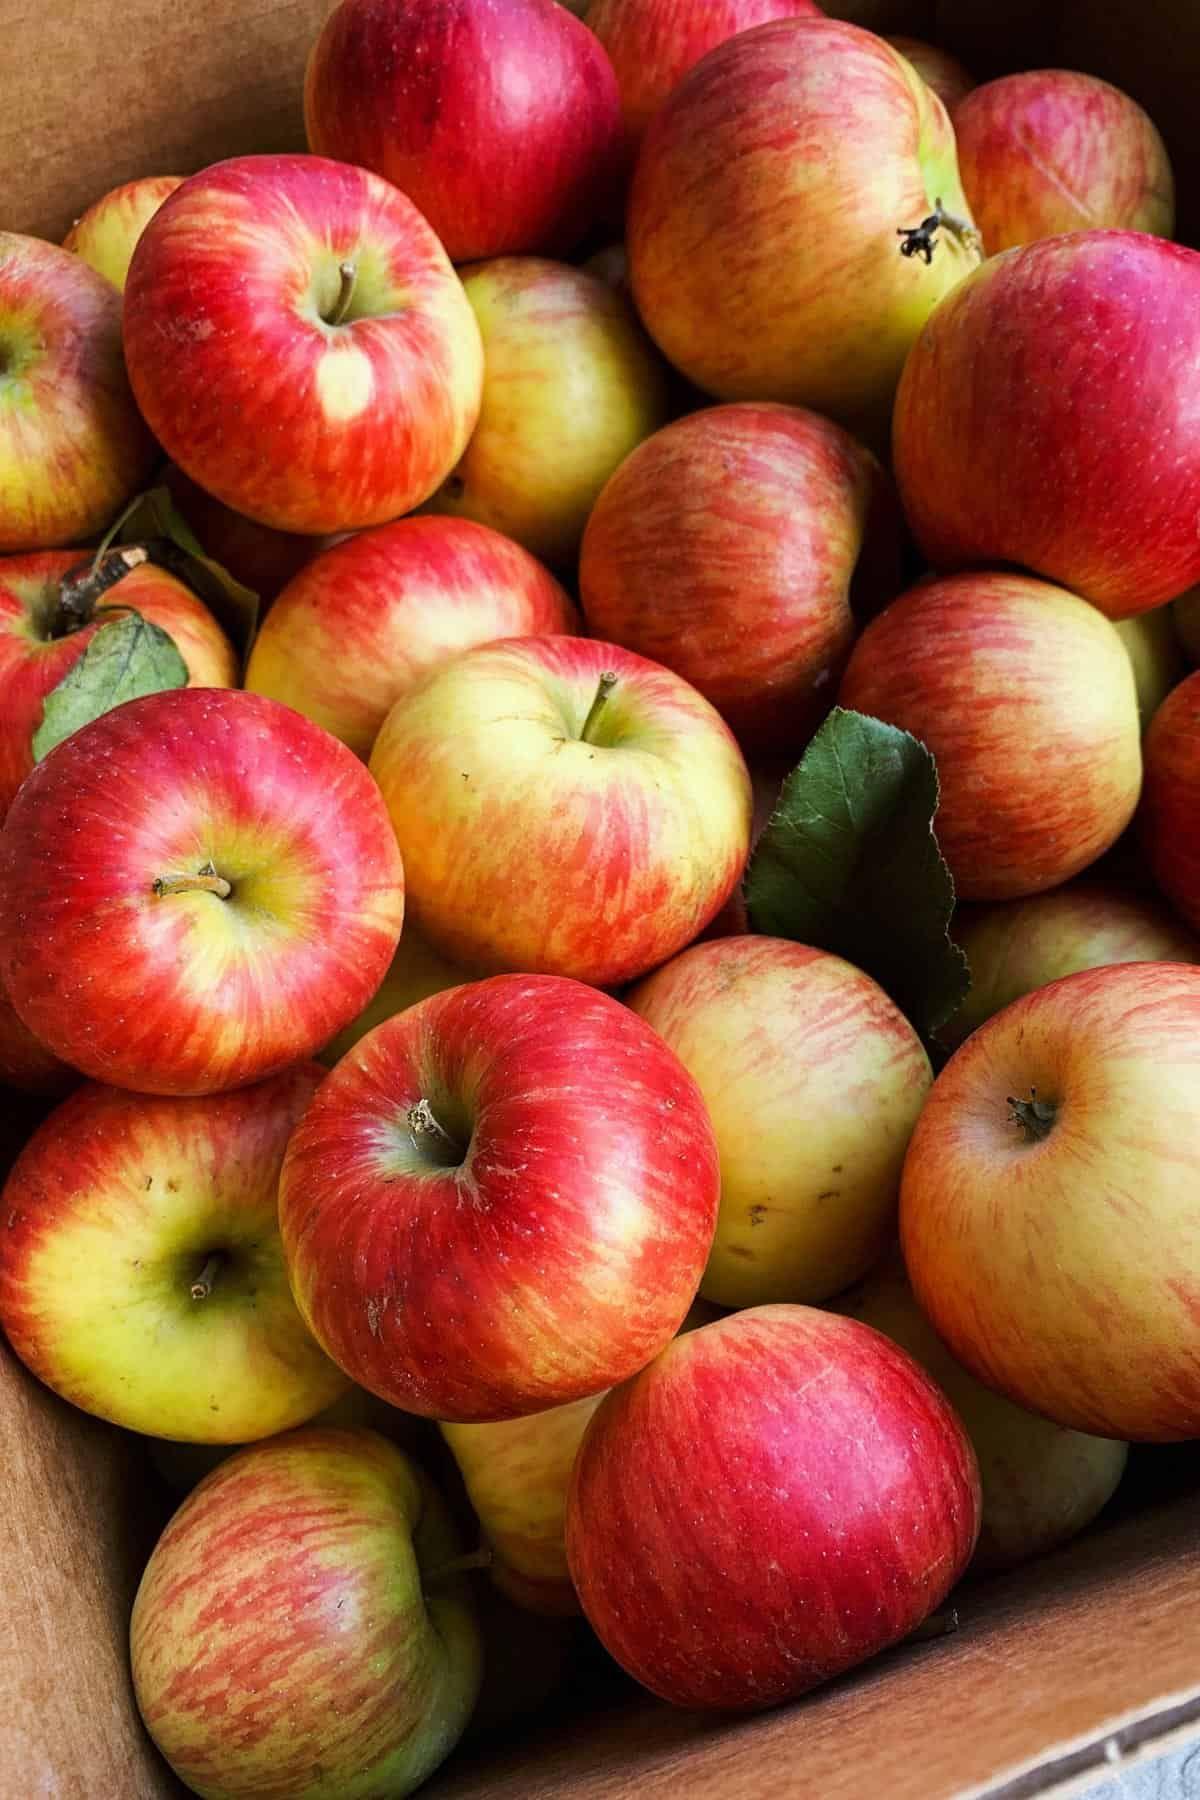 Chuyên gia khuyên chị em ăn 7 loại quả này vào buổi sáng để giảm cân, giữ eo thon bền vững - Ảnh 1.